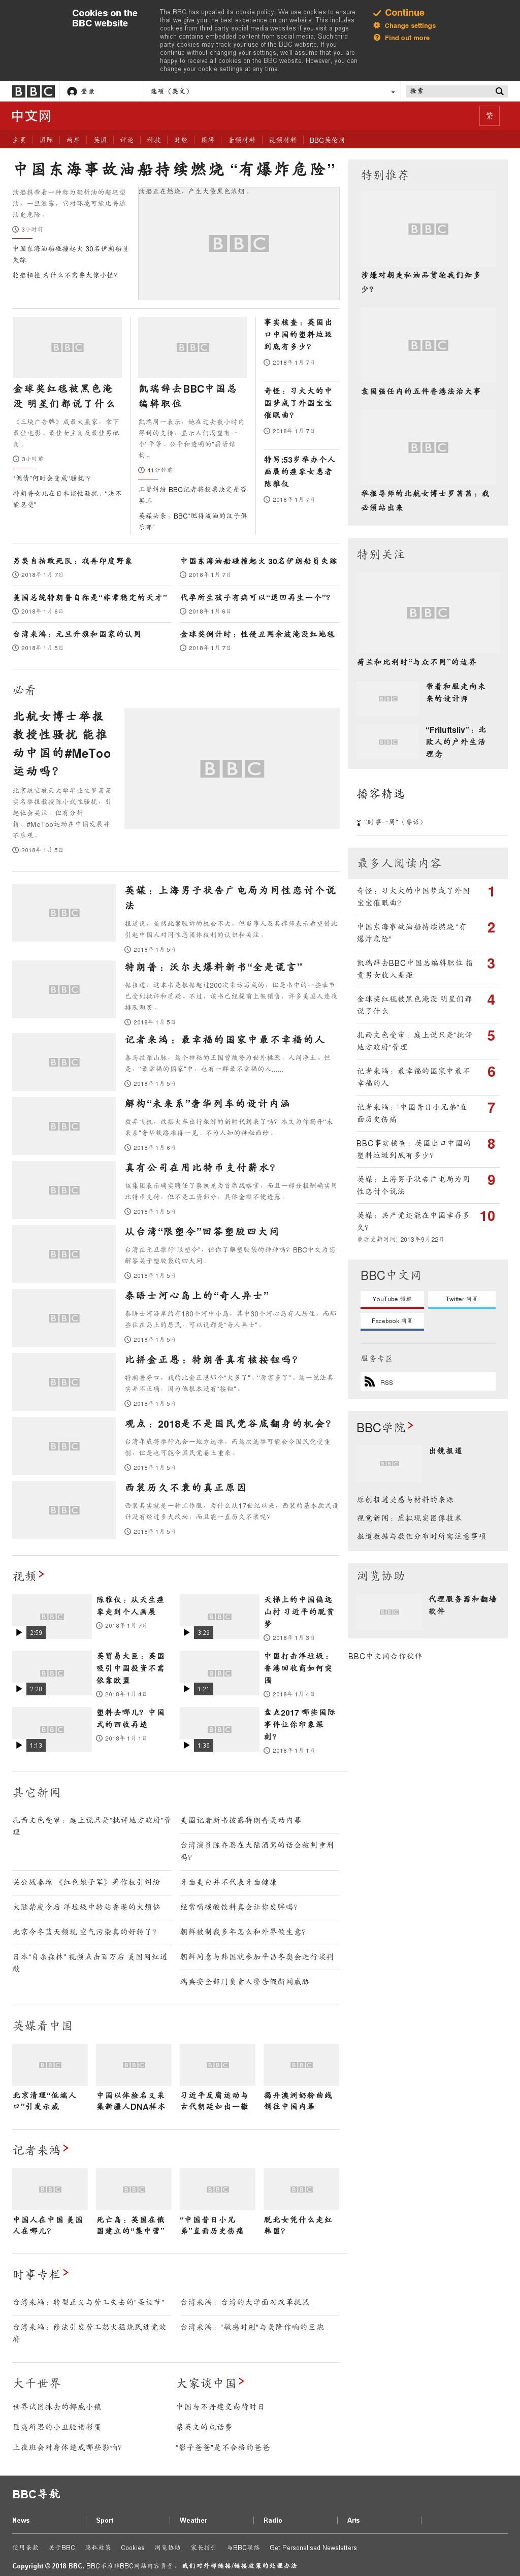 BBC (Chinese) at Monday Jan. 8, 2018, 1:01 p.m. UTC